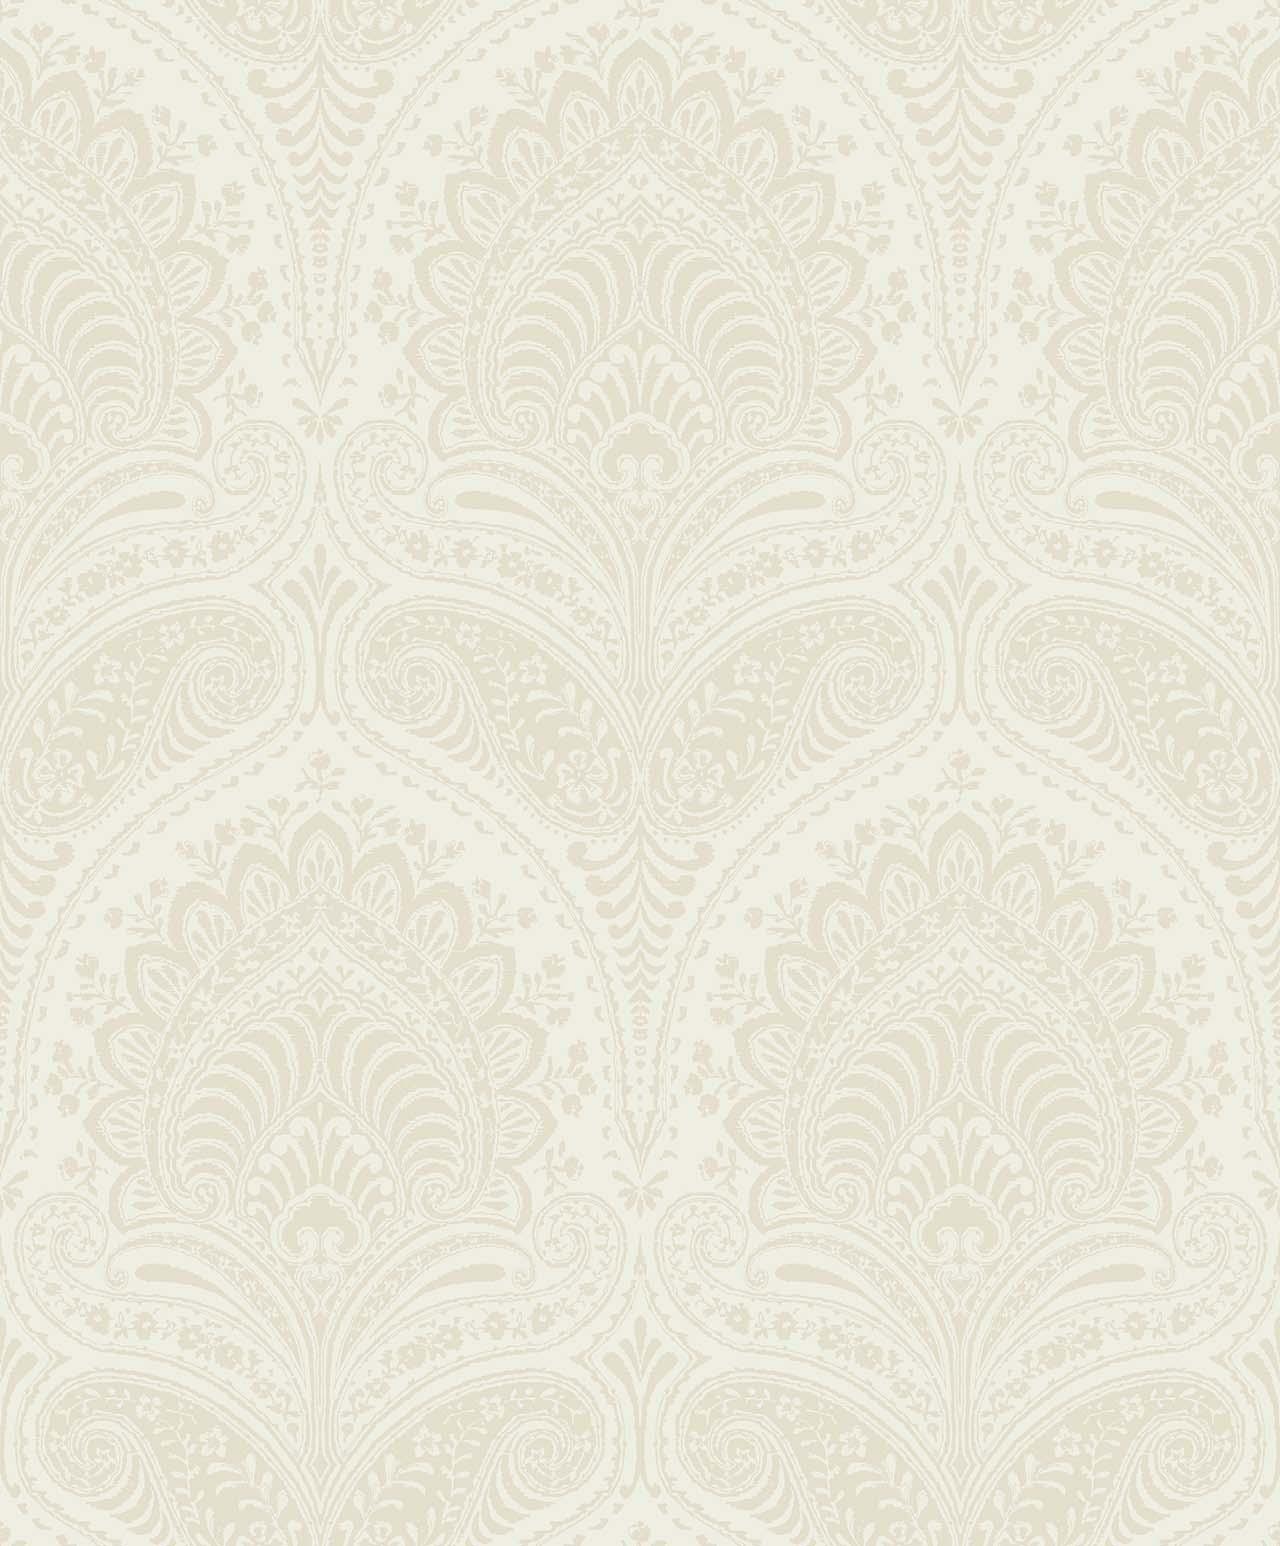 REGAL IVORY  A Milan-Wallpaper-CO00113